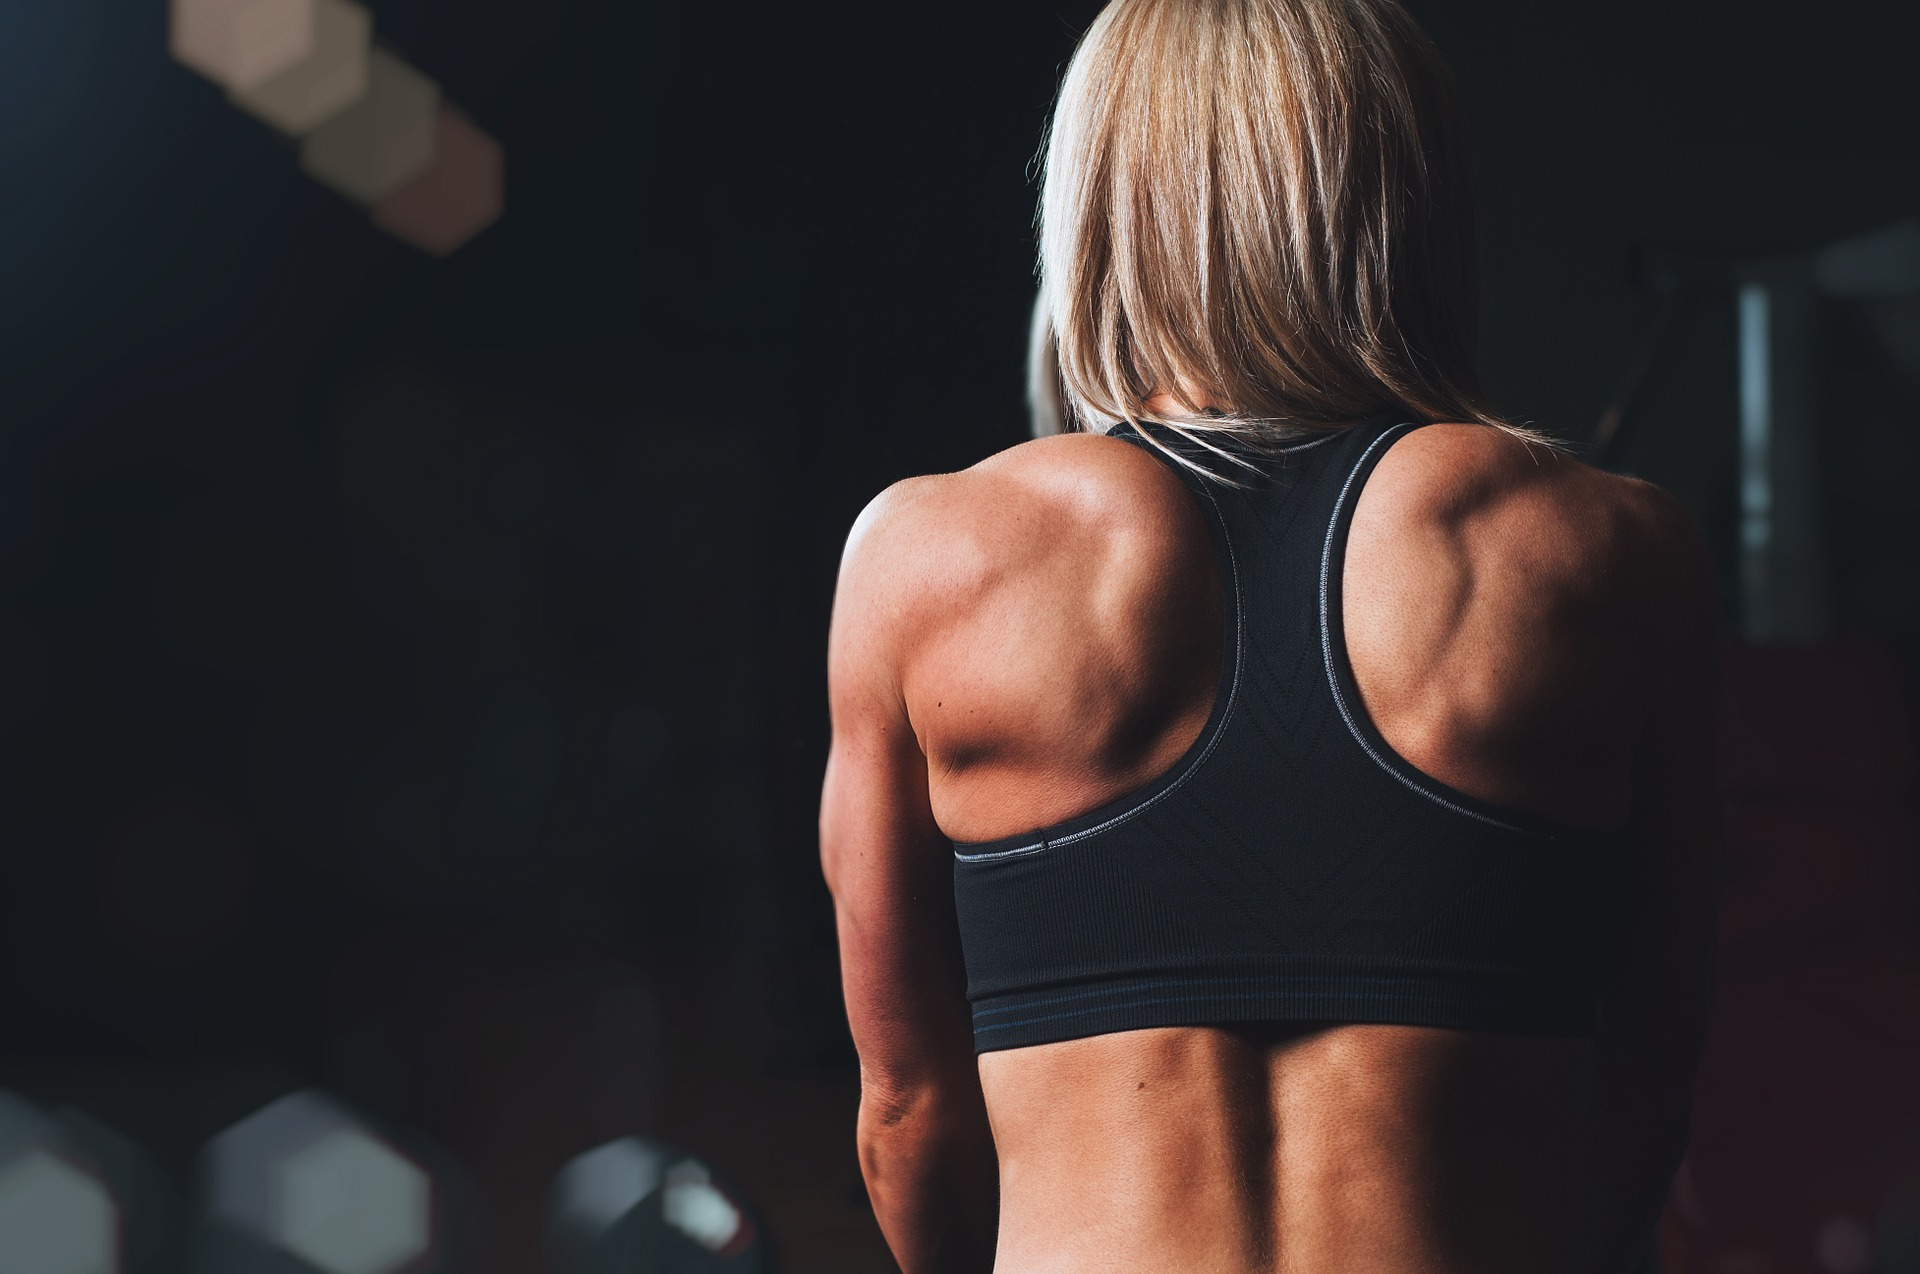 Dieta per il crossfit: l'alimentazione perfetta per gli sportivi che lo praticano